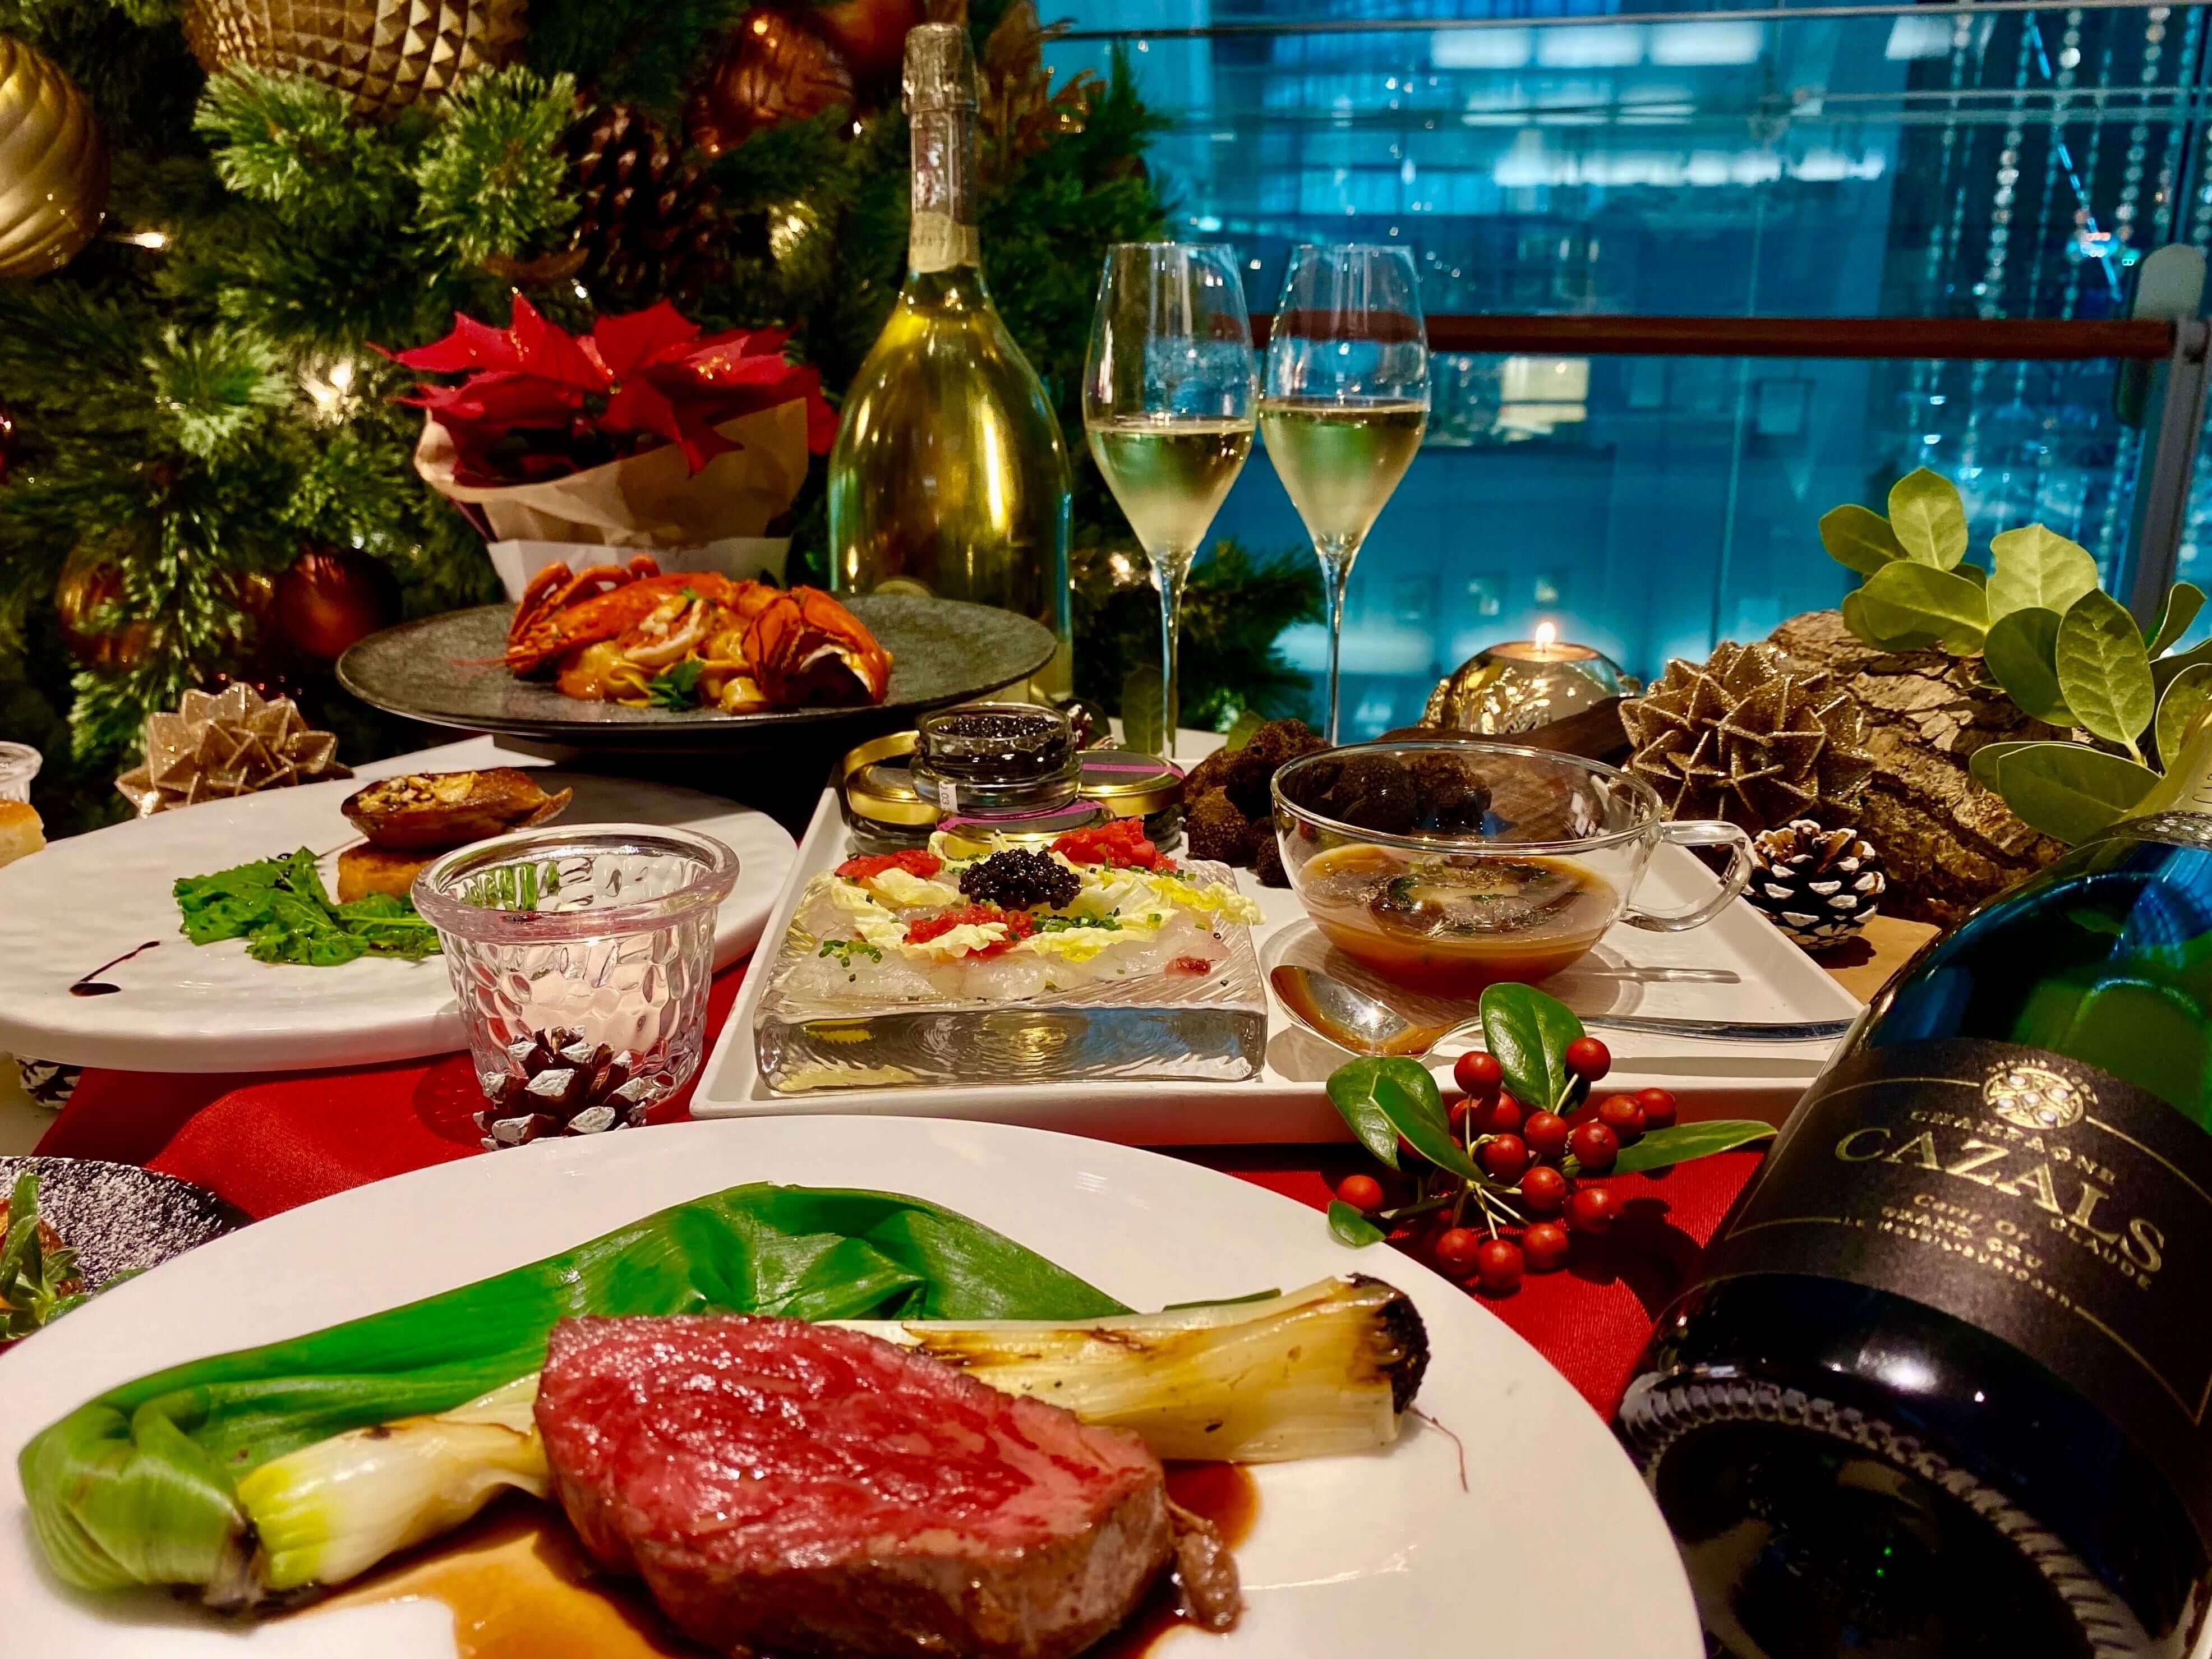 「2019 Cena di Natale」のイメージ写真